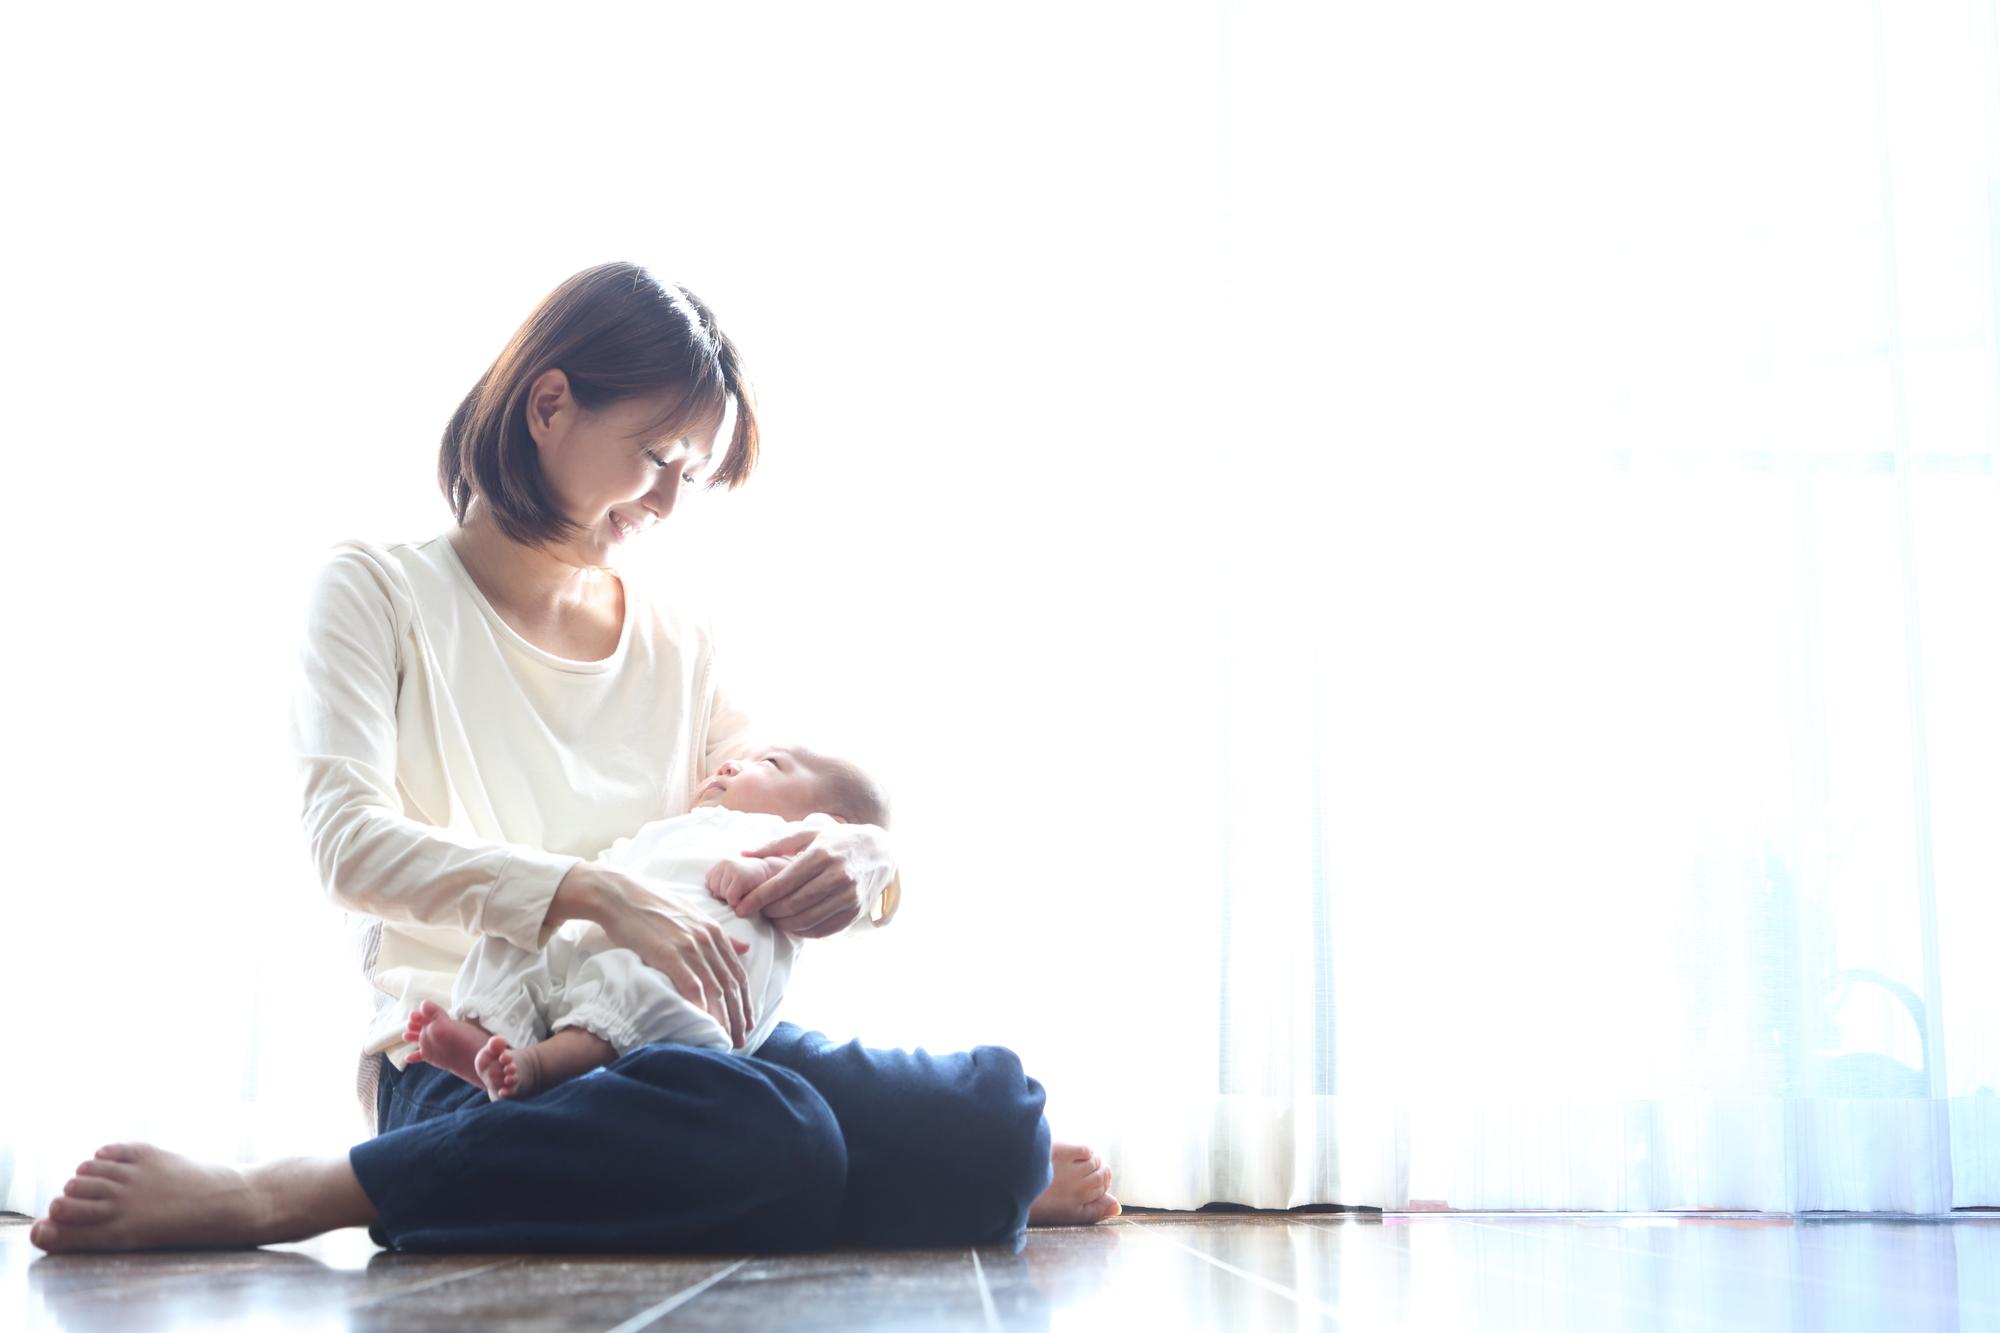 産後に生え際の抜け毛が多くなる原因と10の対策方法